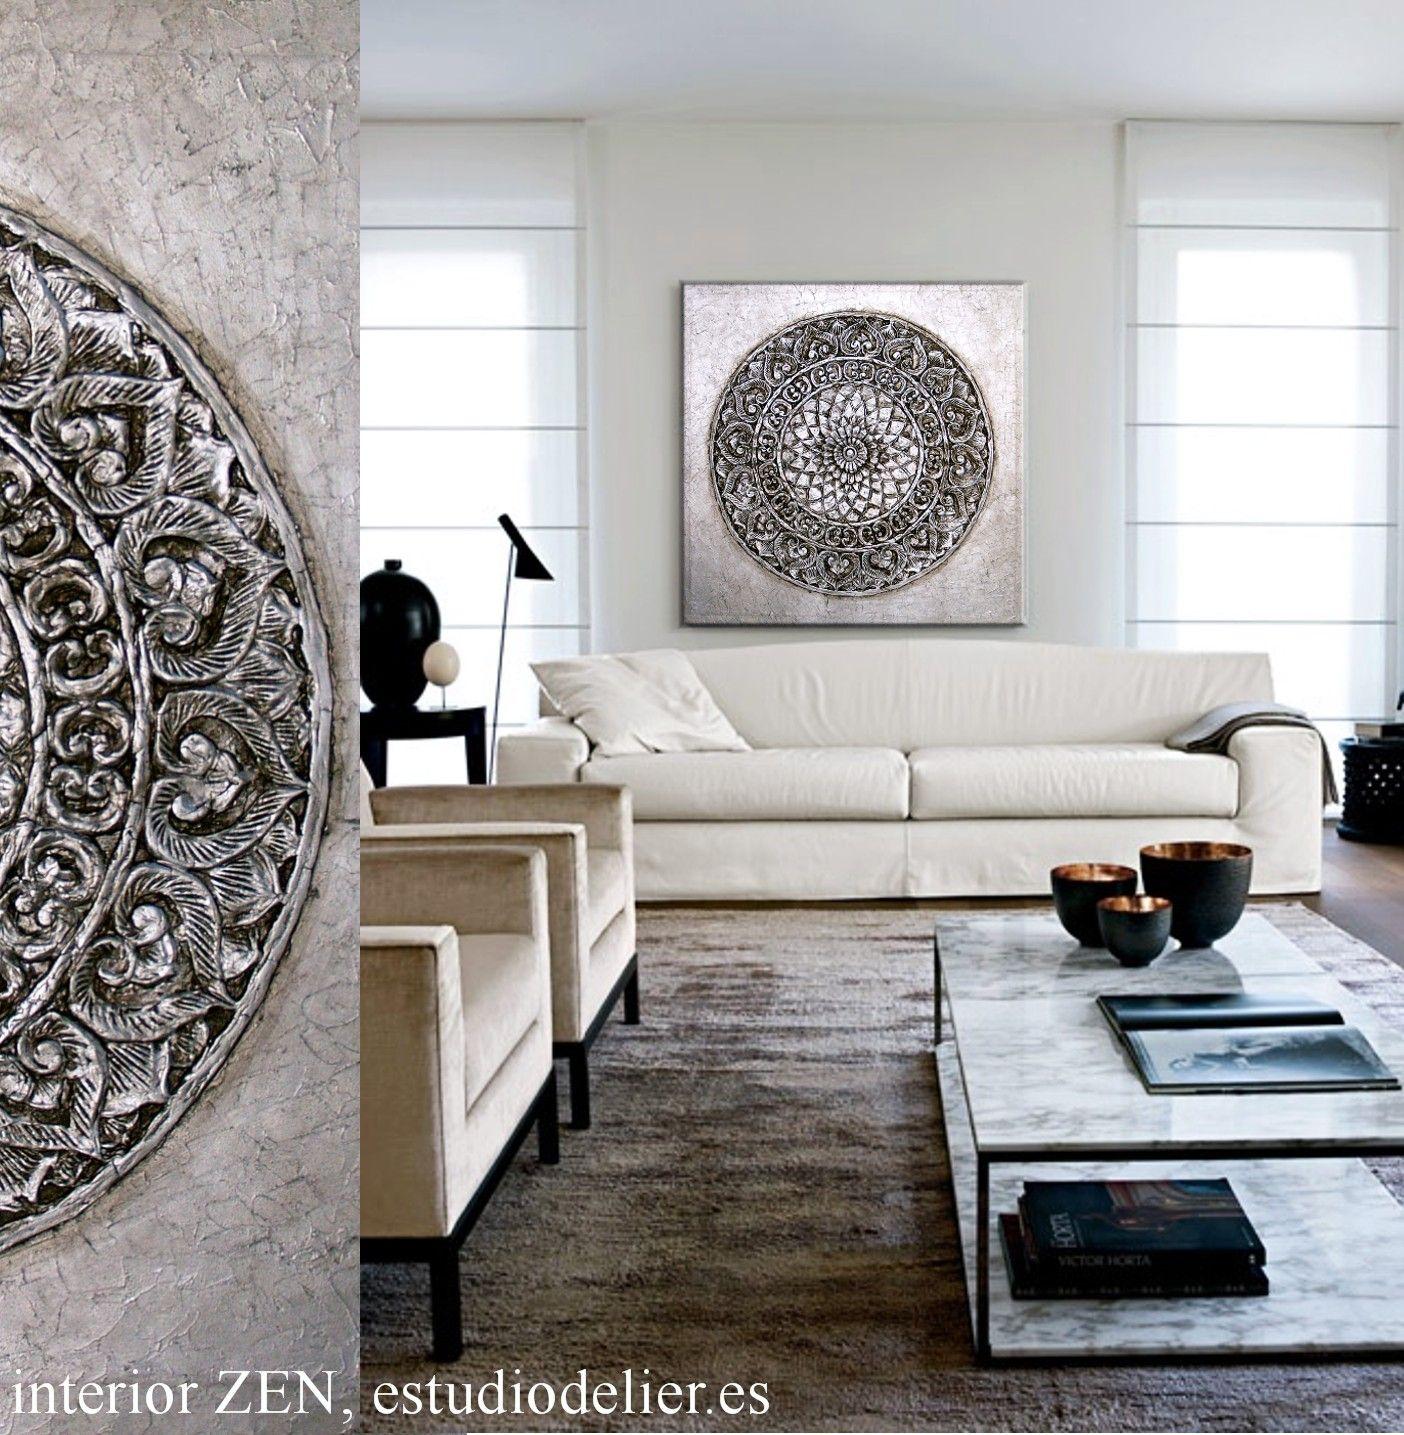 Cuadros con alma espiritualidad - Cuadros estilo zen ...